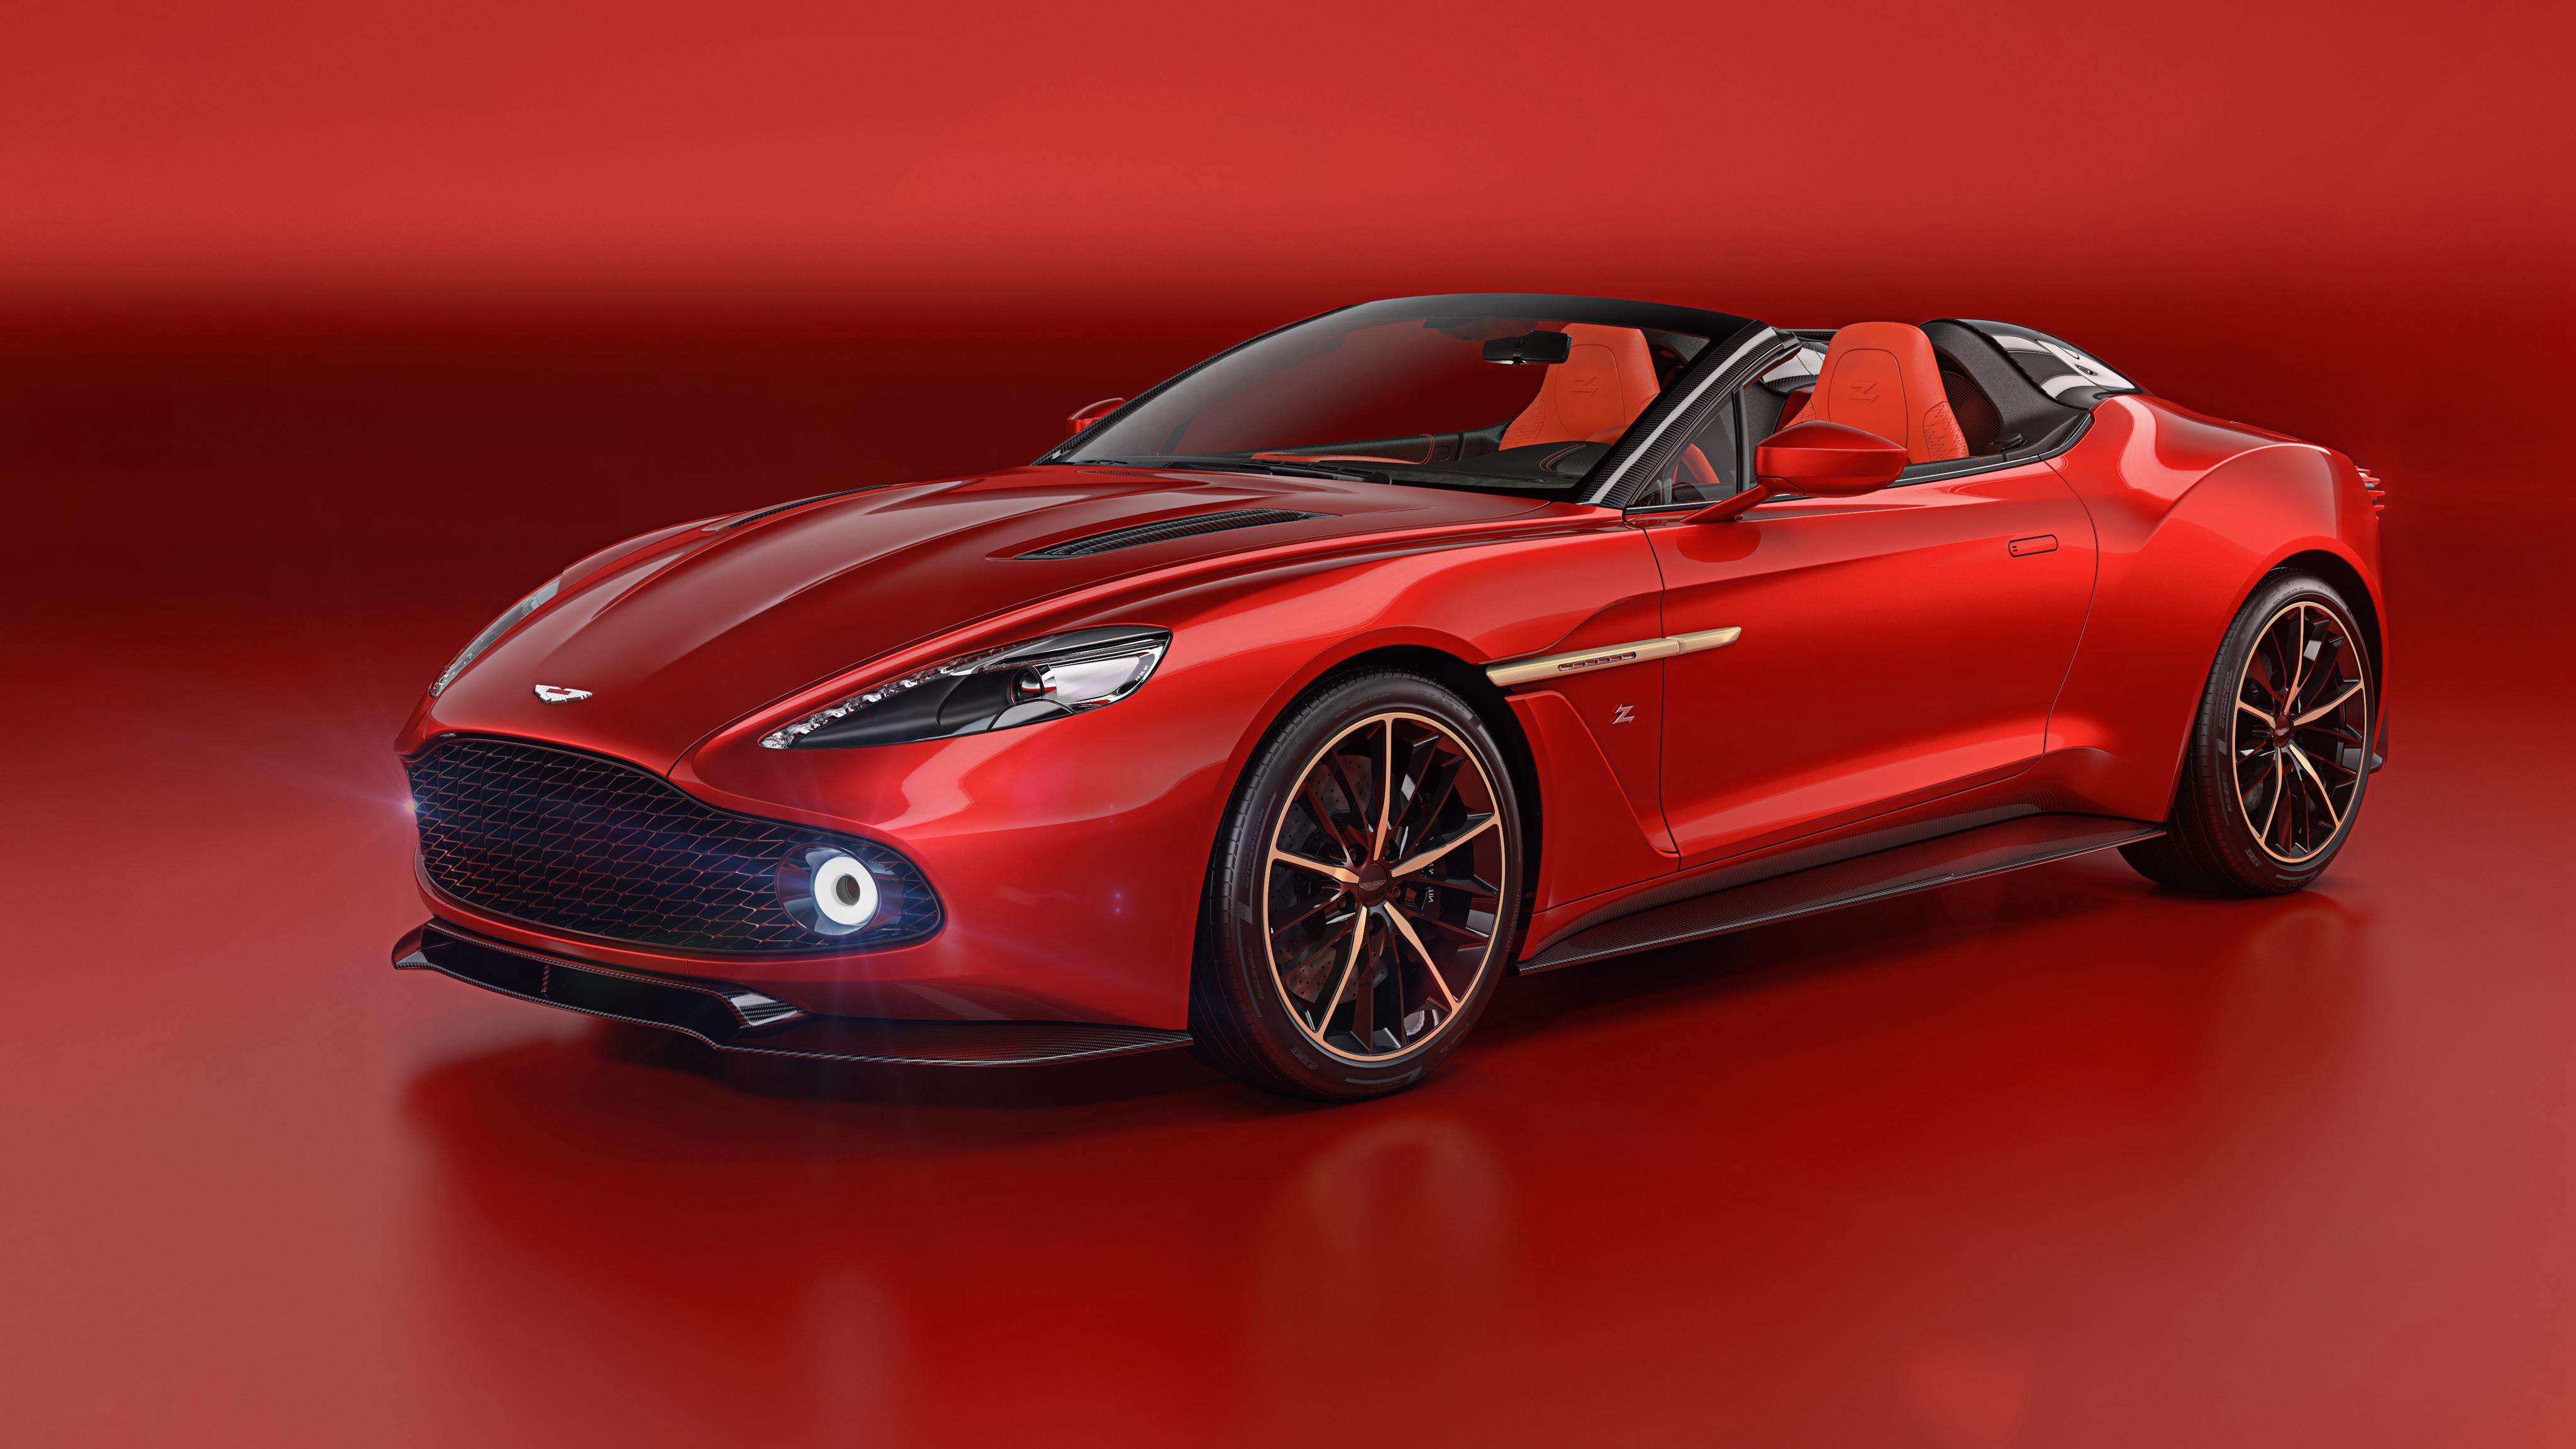 Картинки Астон мартин 2018 Vanquish Zagato Speedster Zagato Кабриолет красные Металлик Автомобили Красный фон Aston Martin кабриолета красных Красный красная авто машина машины автомобиль красном фоне